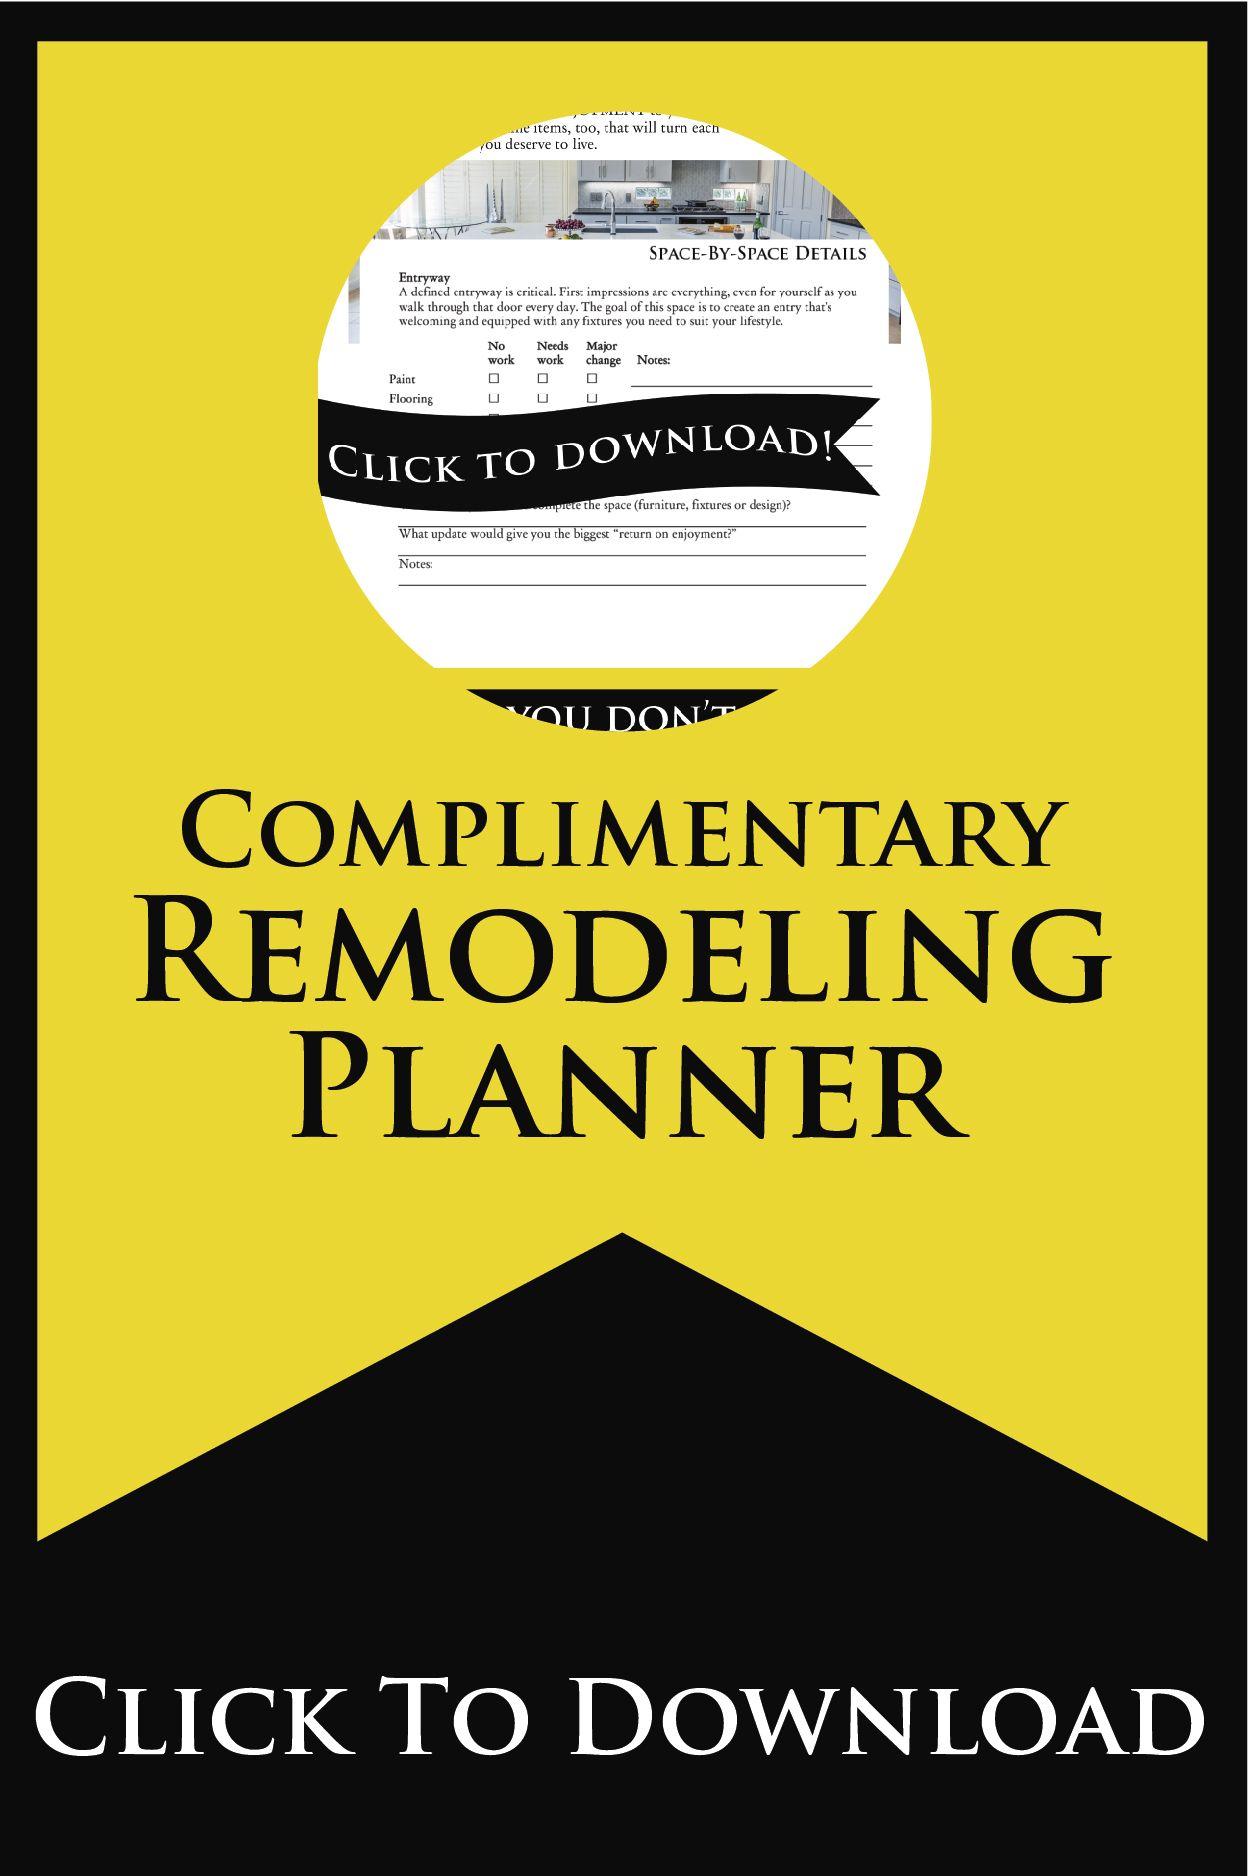 Remodeling Planner